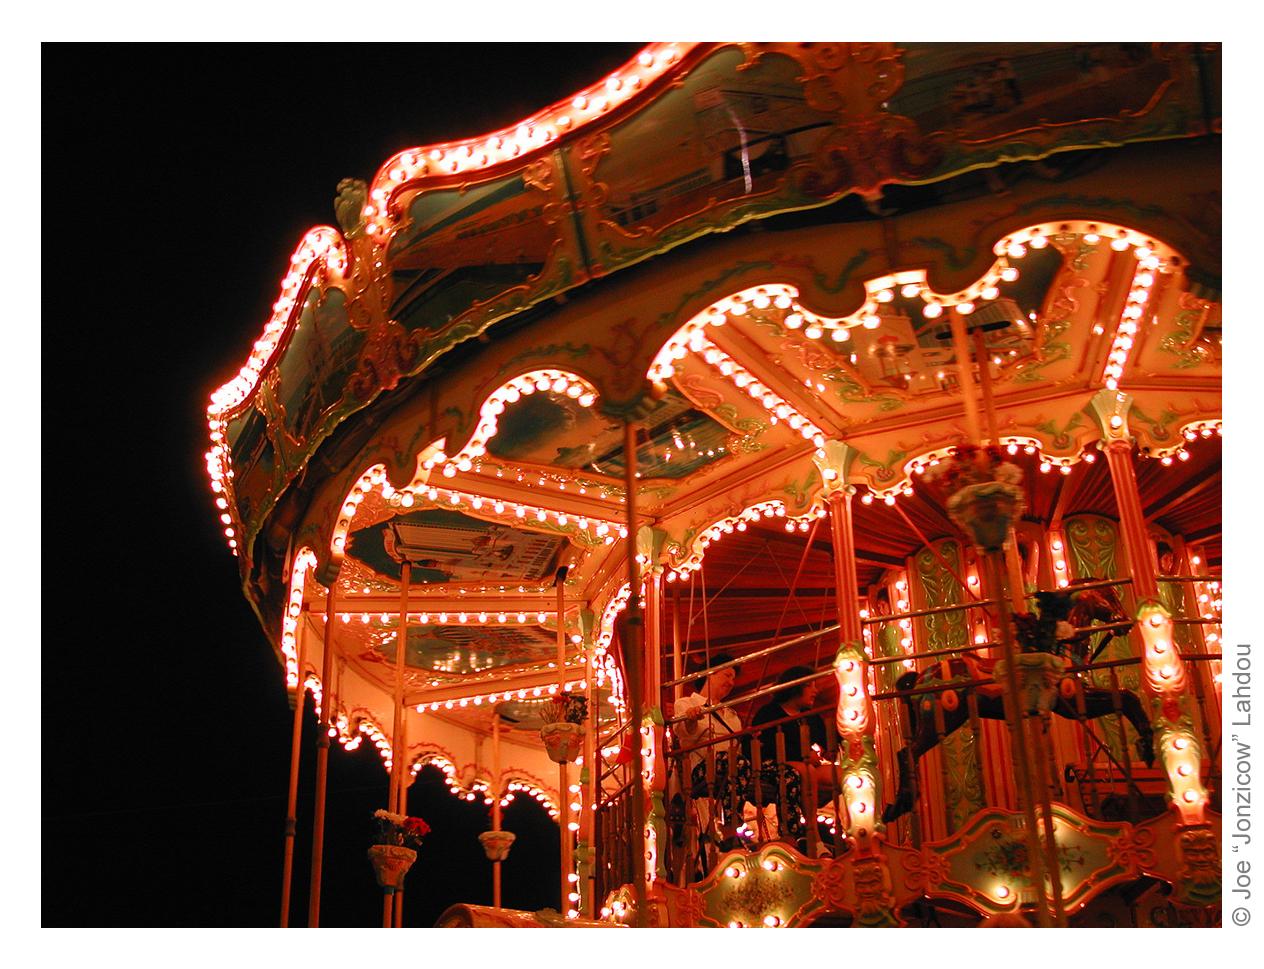 Merry Go Round by JONZICOW 1264x969